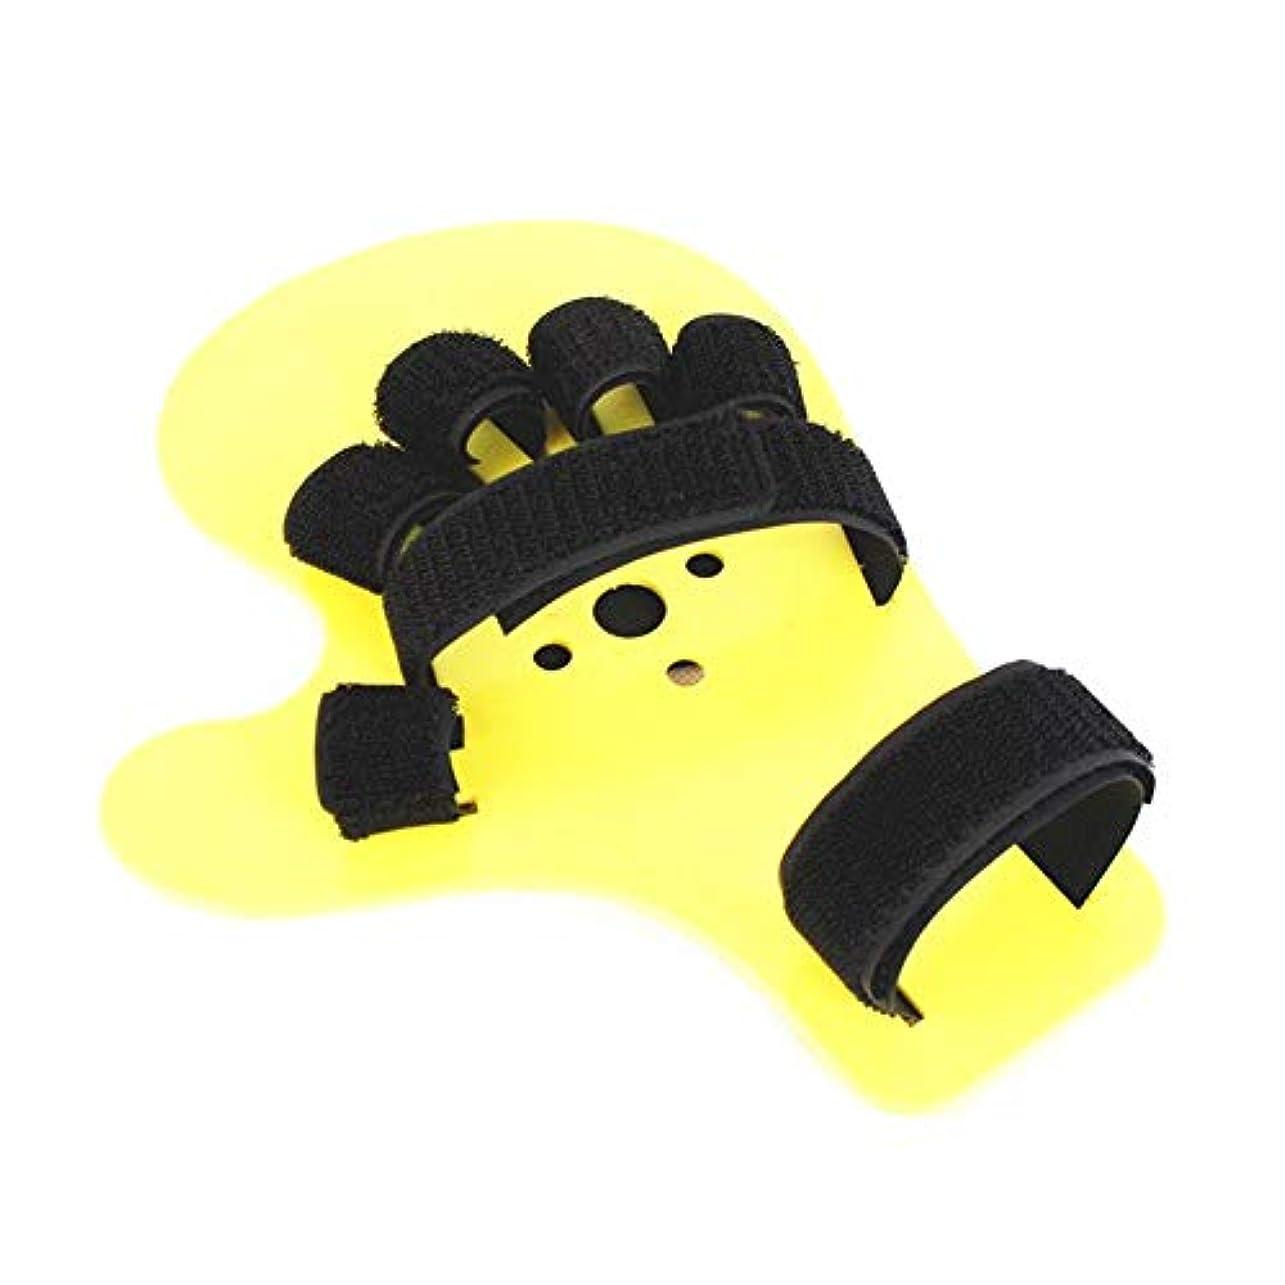 メッセージカポック調べる指の固定板、圧力指板分離器、ABS調節可能な大人の指の装具指先/片麻痺/